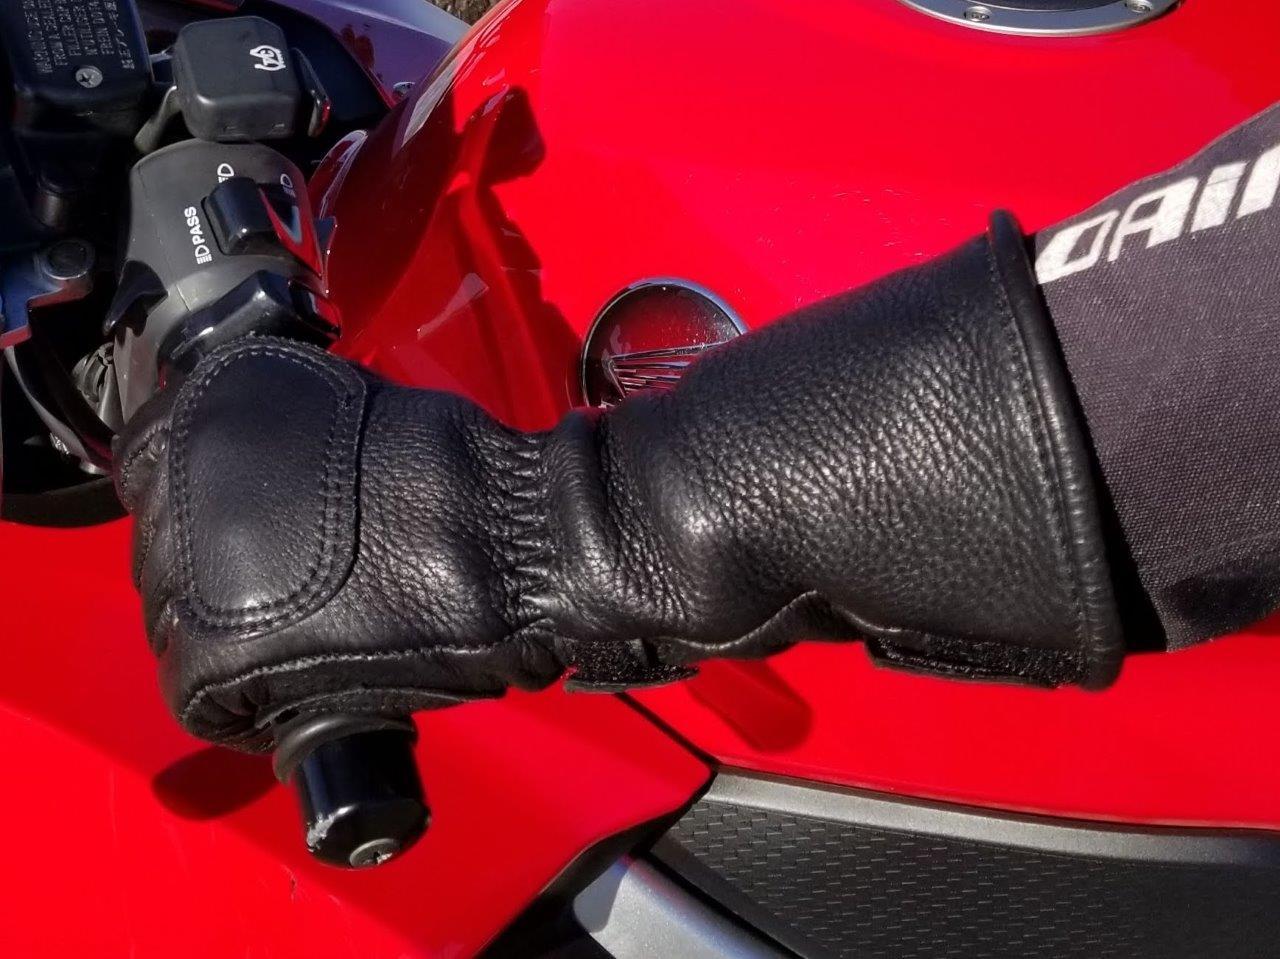 The Lee Parks Design Deersports gloves have long gauntlets on them.